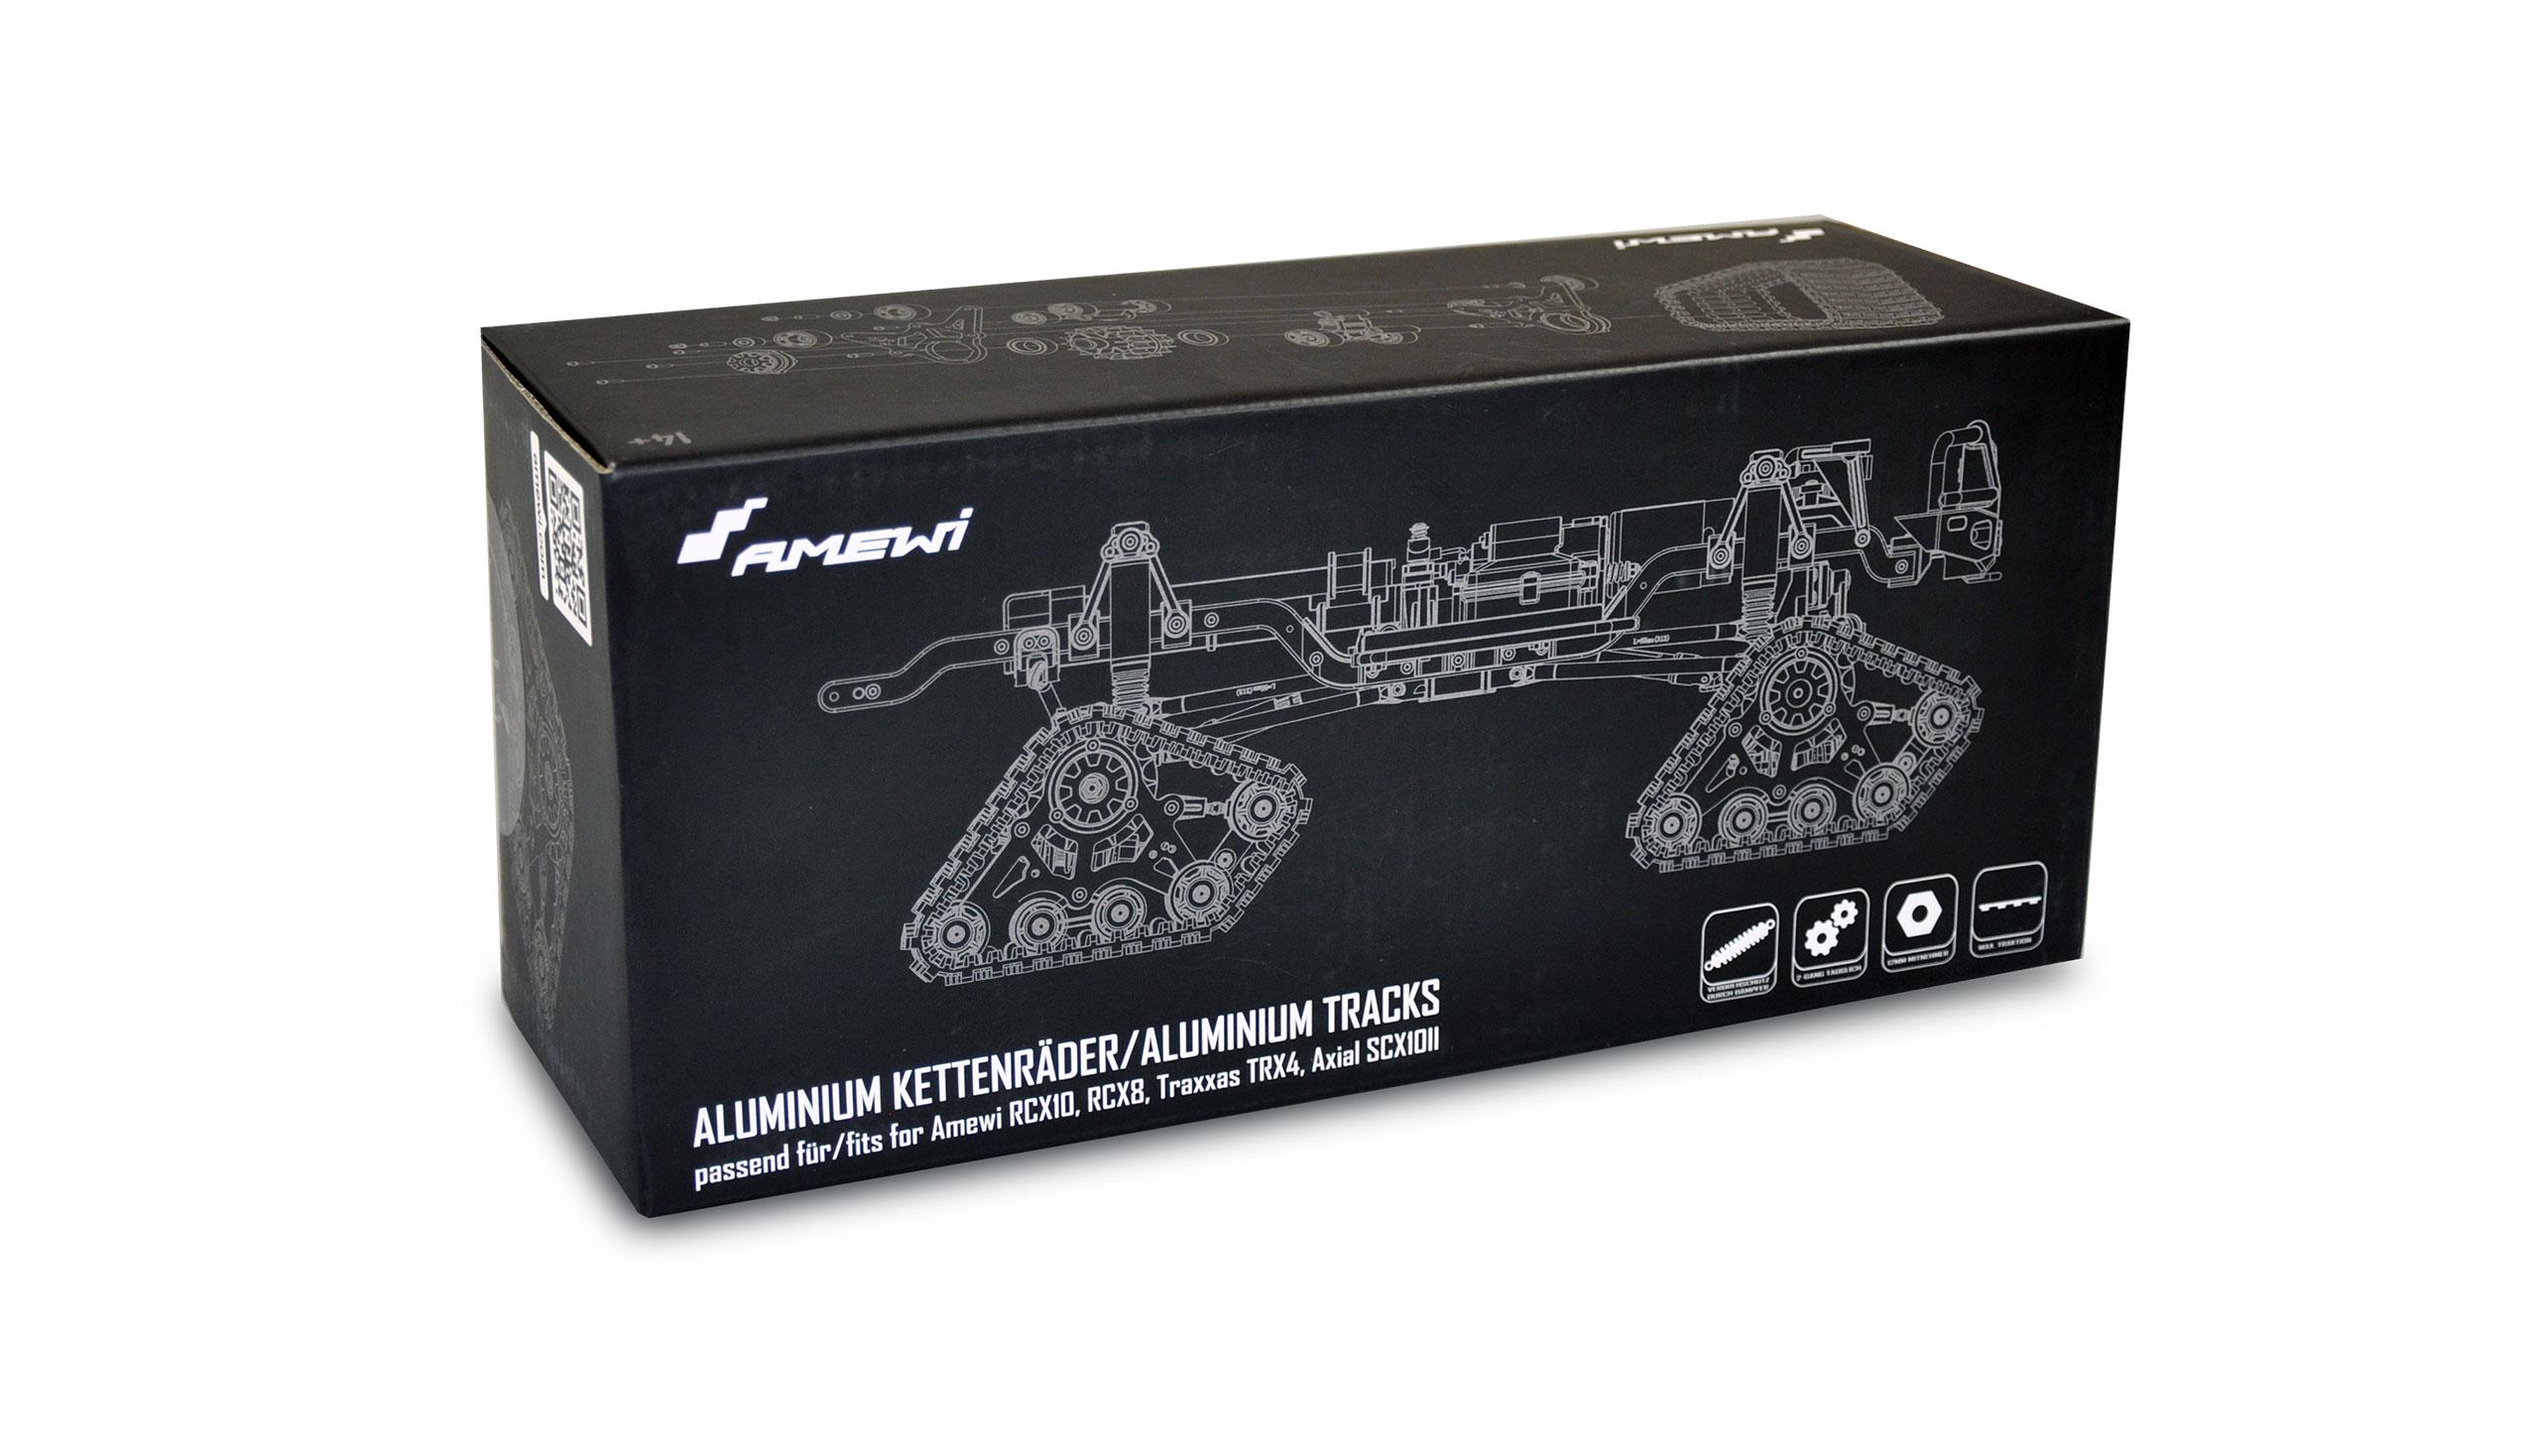 PROFI Pásy s olejovými tlumiči pro Amewi RCX10, RCX8, Traxxas TRX4, Axial SCX1011, černé